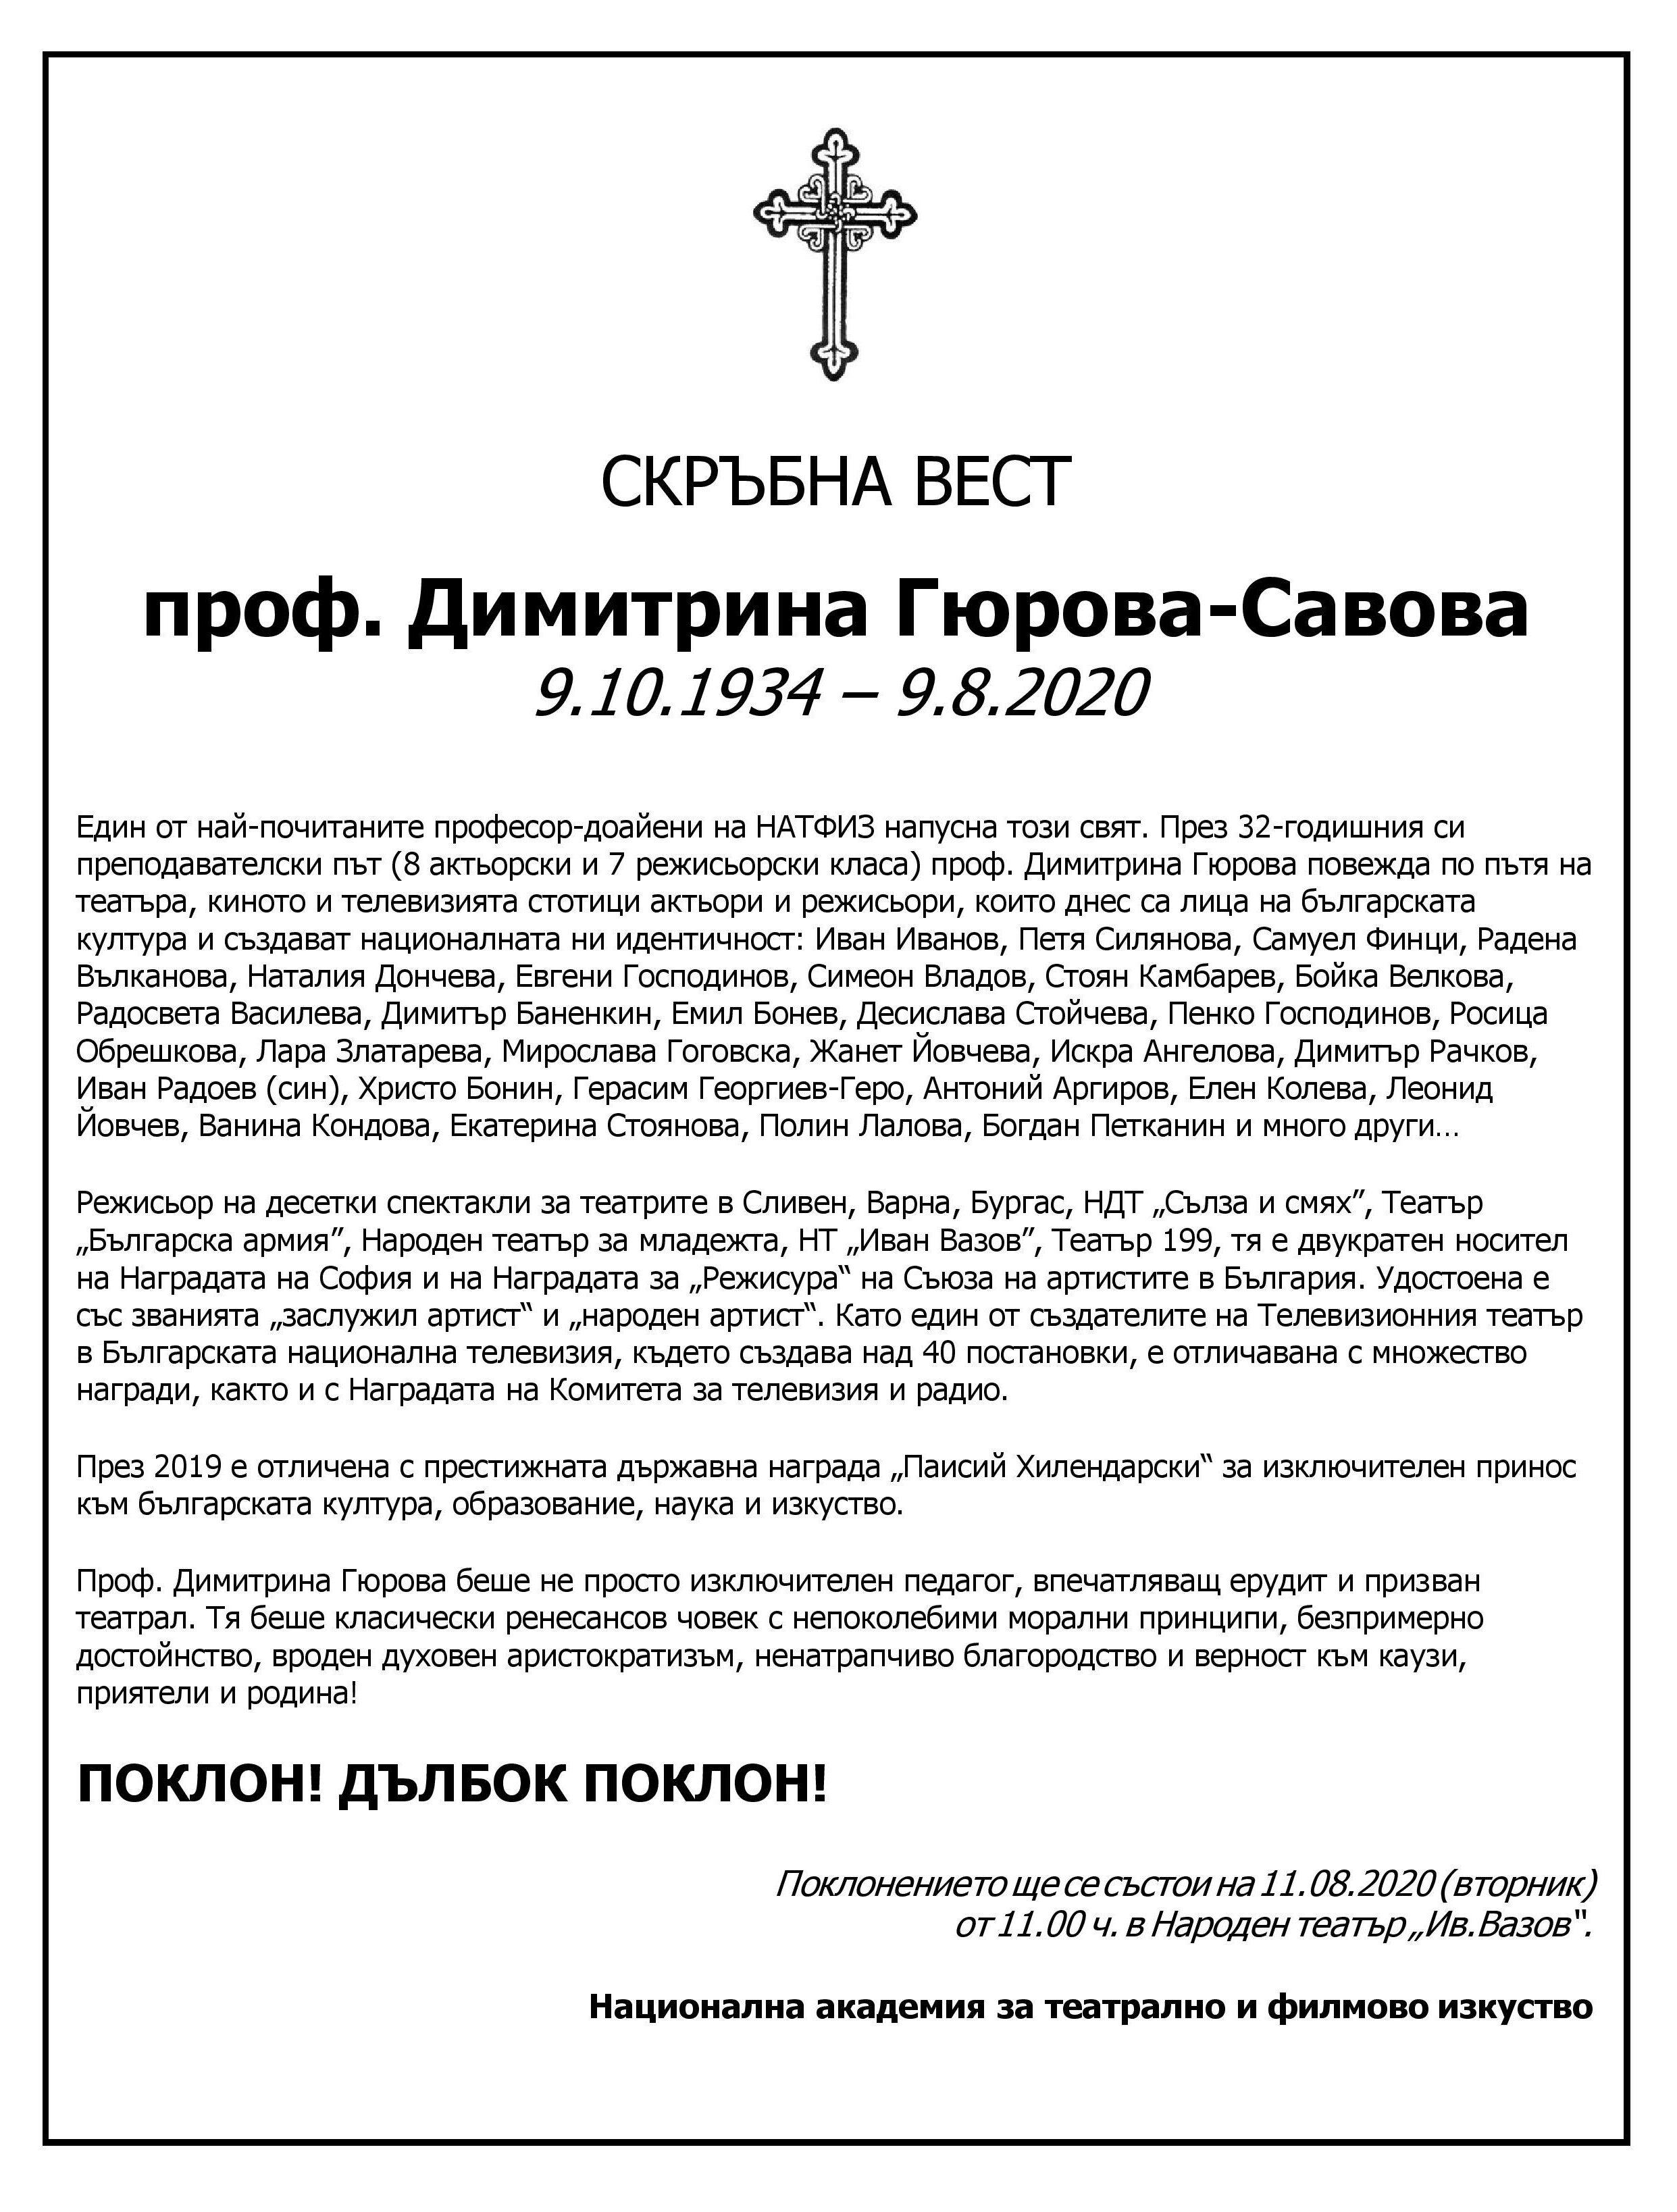 Скръбна вест – почина проф. Димитрина Гюрова